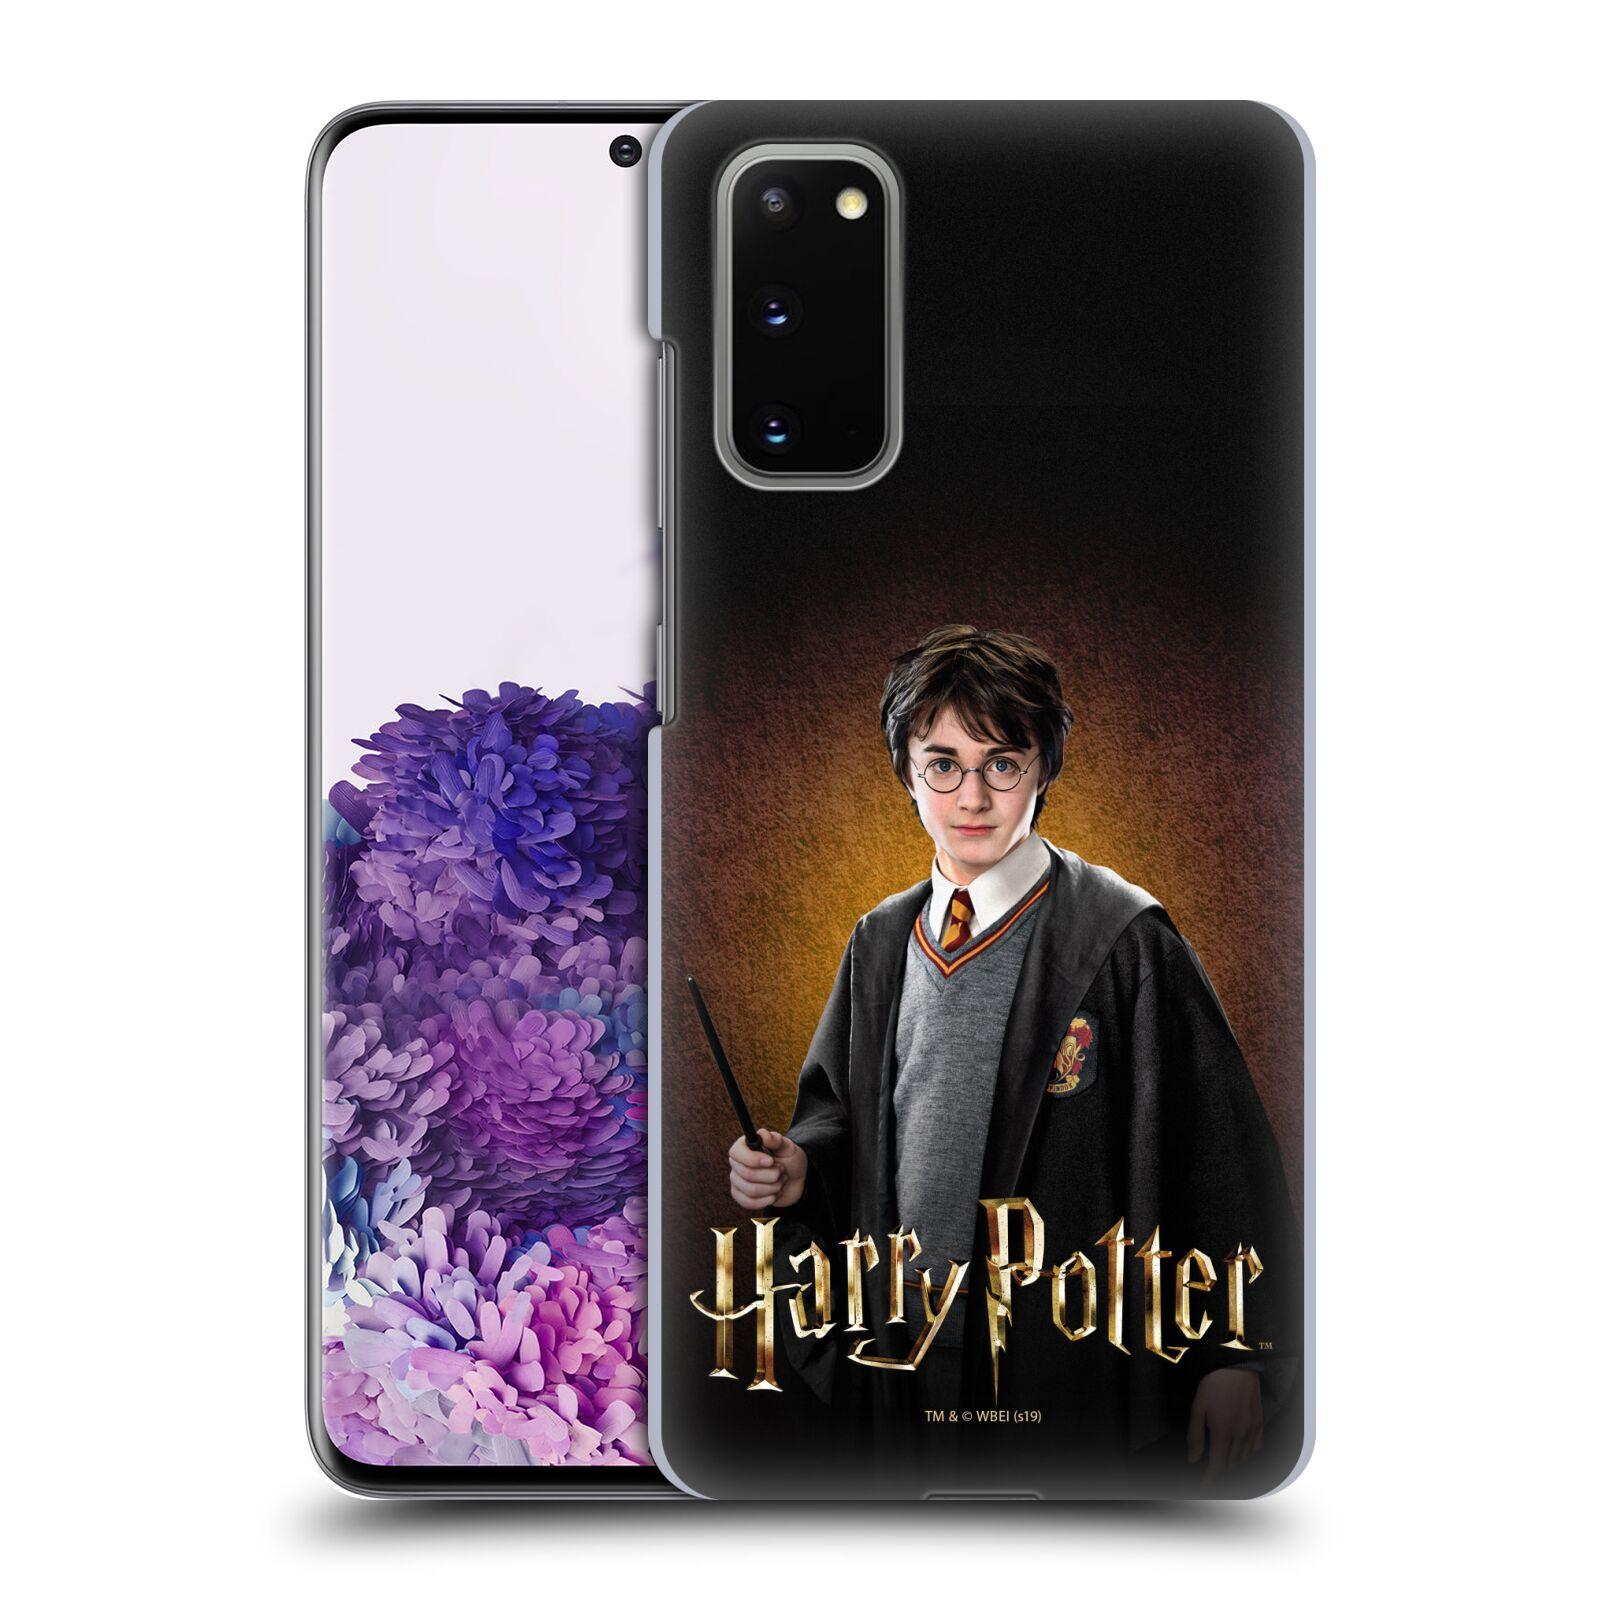 Plastové pouzdro na mobil Samsung Galaxy S20 - Harry Potter - Malý Harry Potter